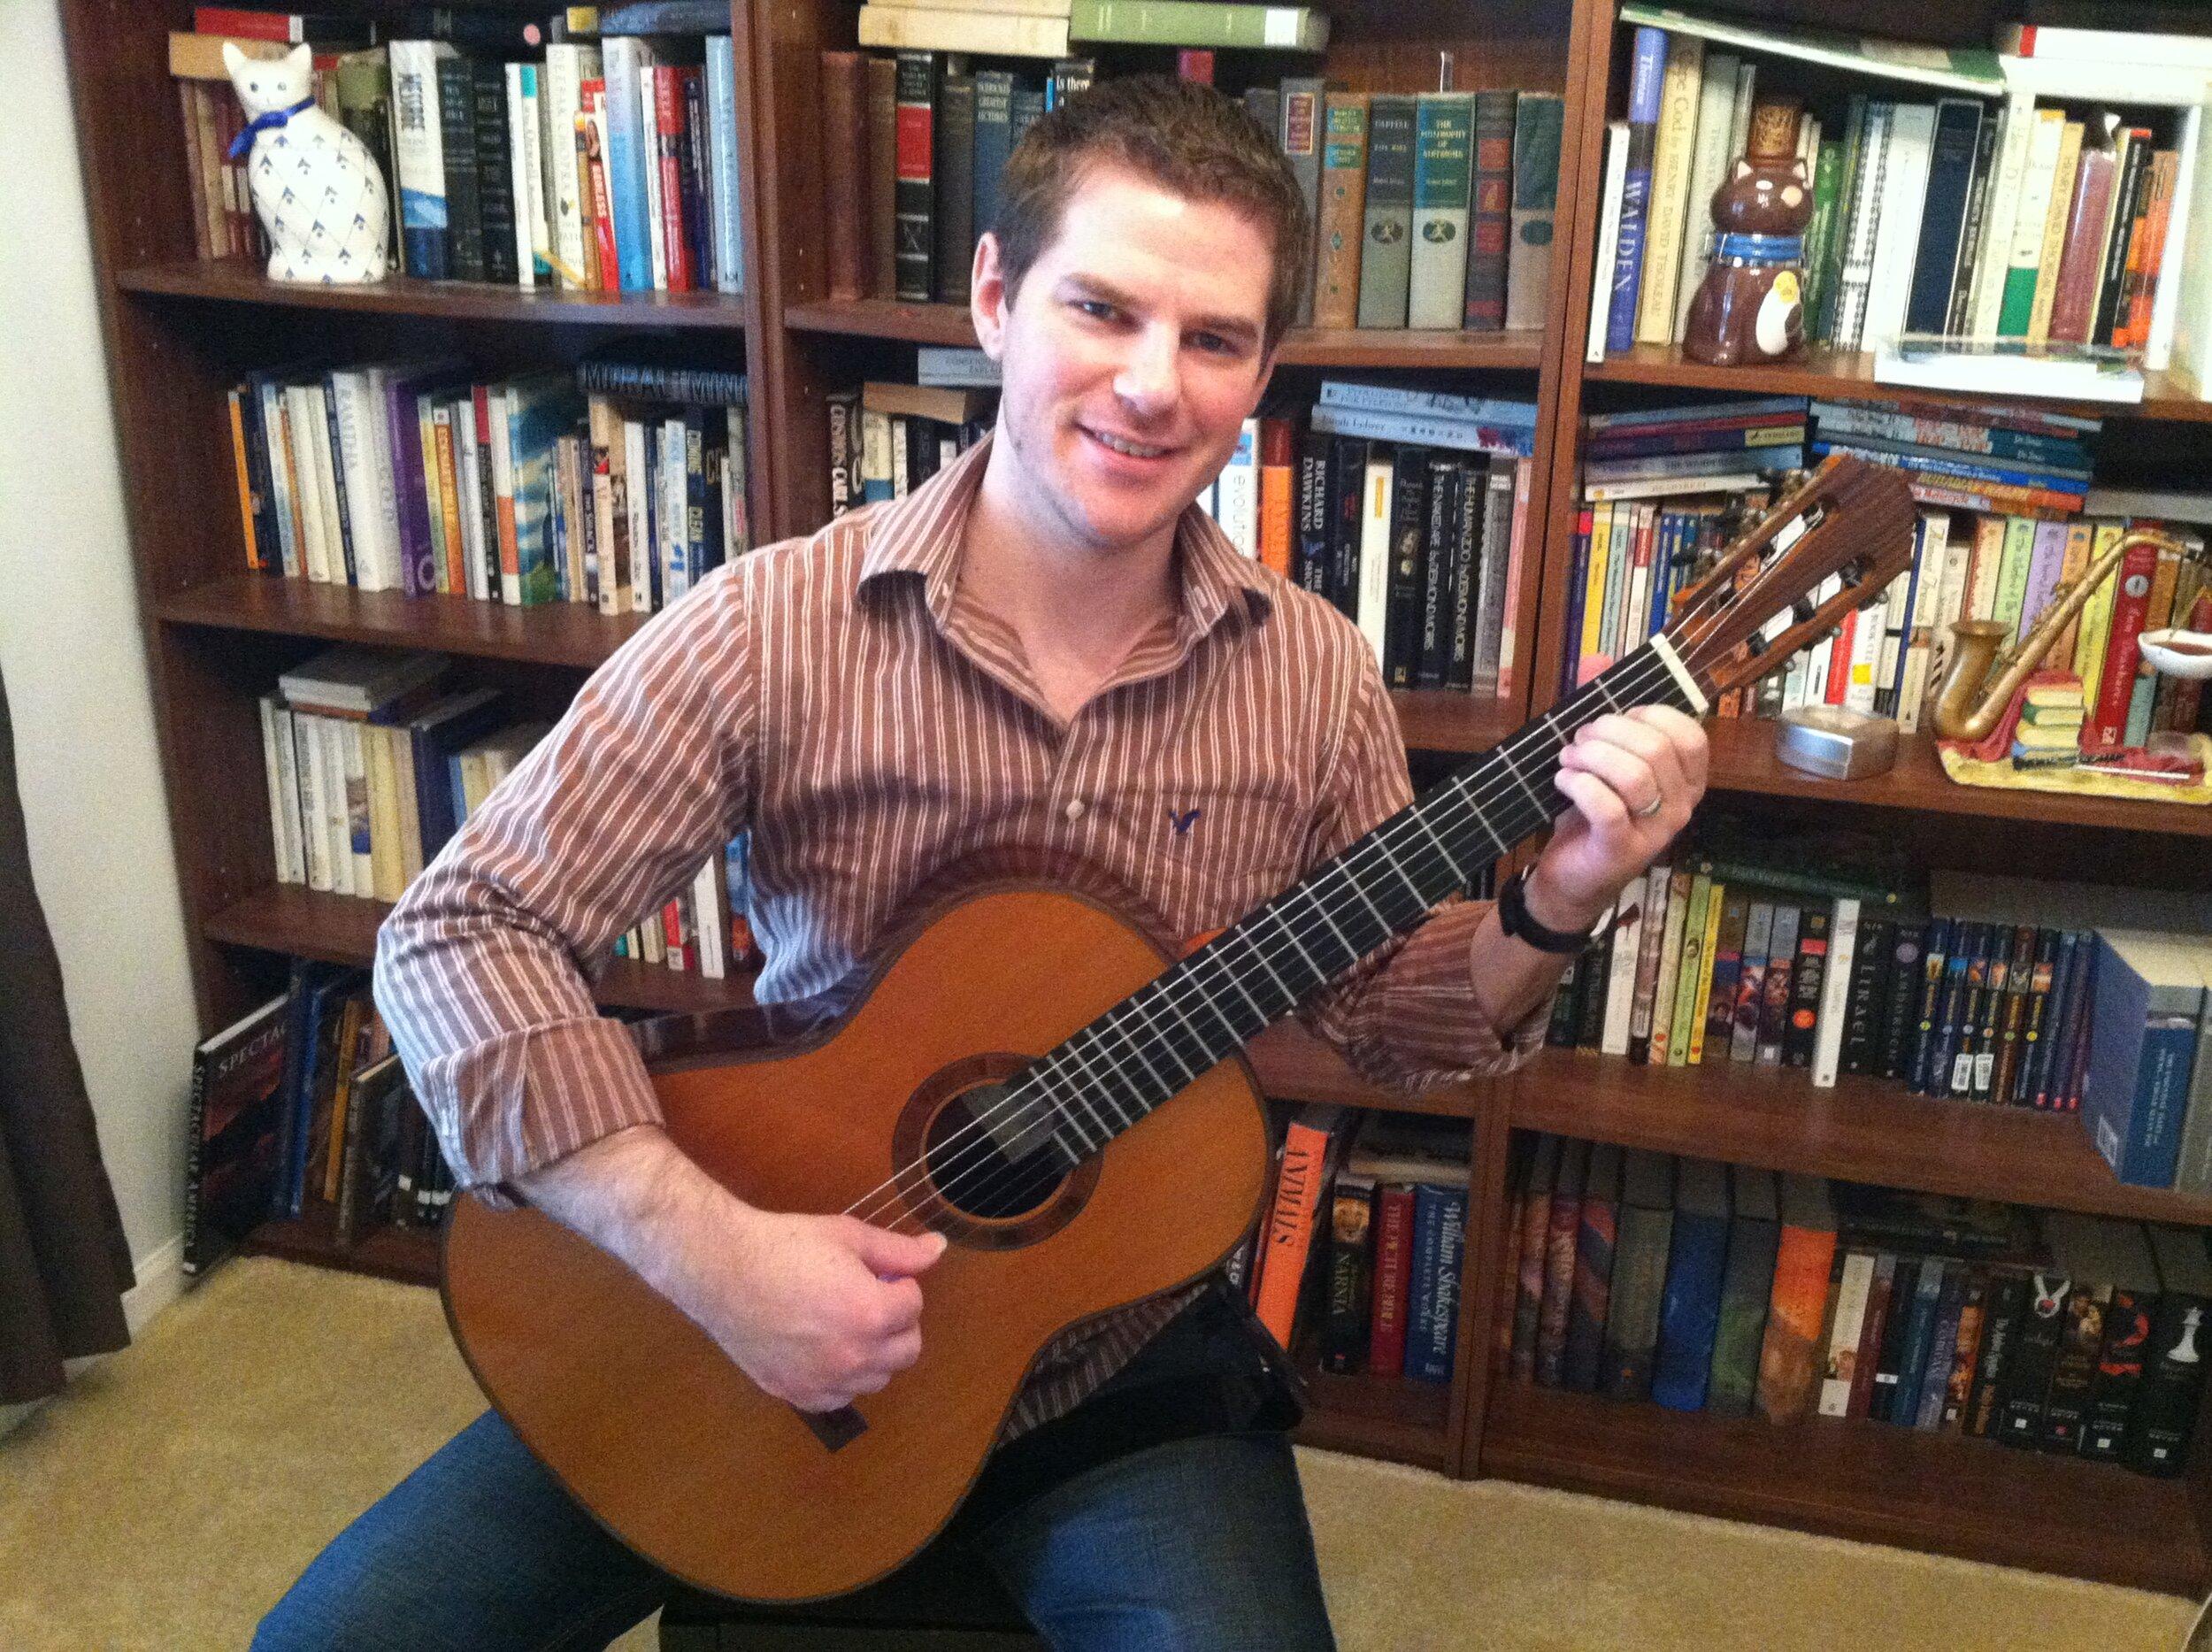 Steve gets his stolen guitar back!